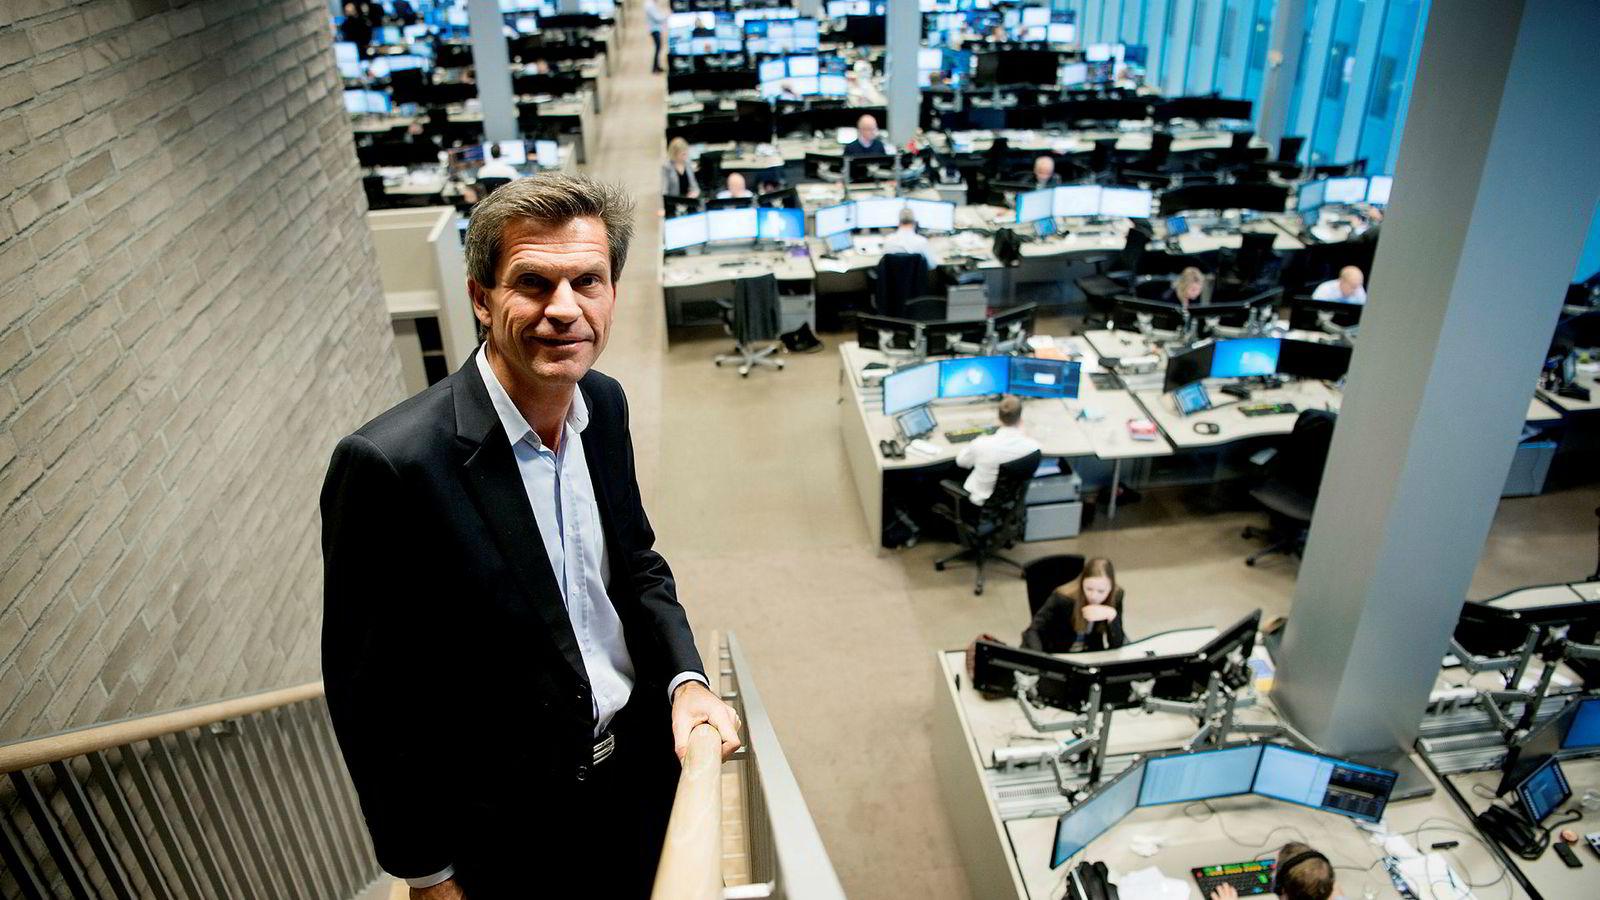 Sjef for DNB Markets, Ottar Ertzeid, sier at DNB lenge har jobbet aktivt for å få flere kvinner opp og frem, men at banken fortsatt har en vei å gå.